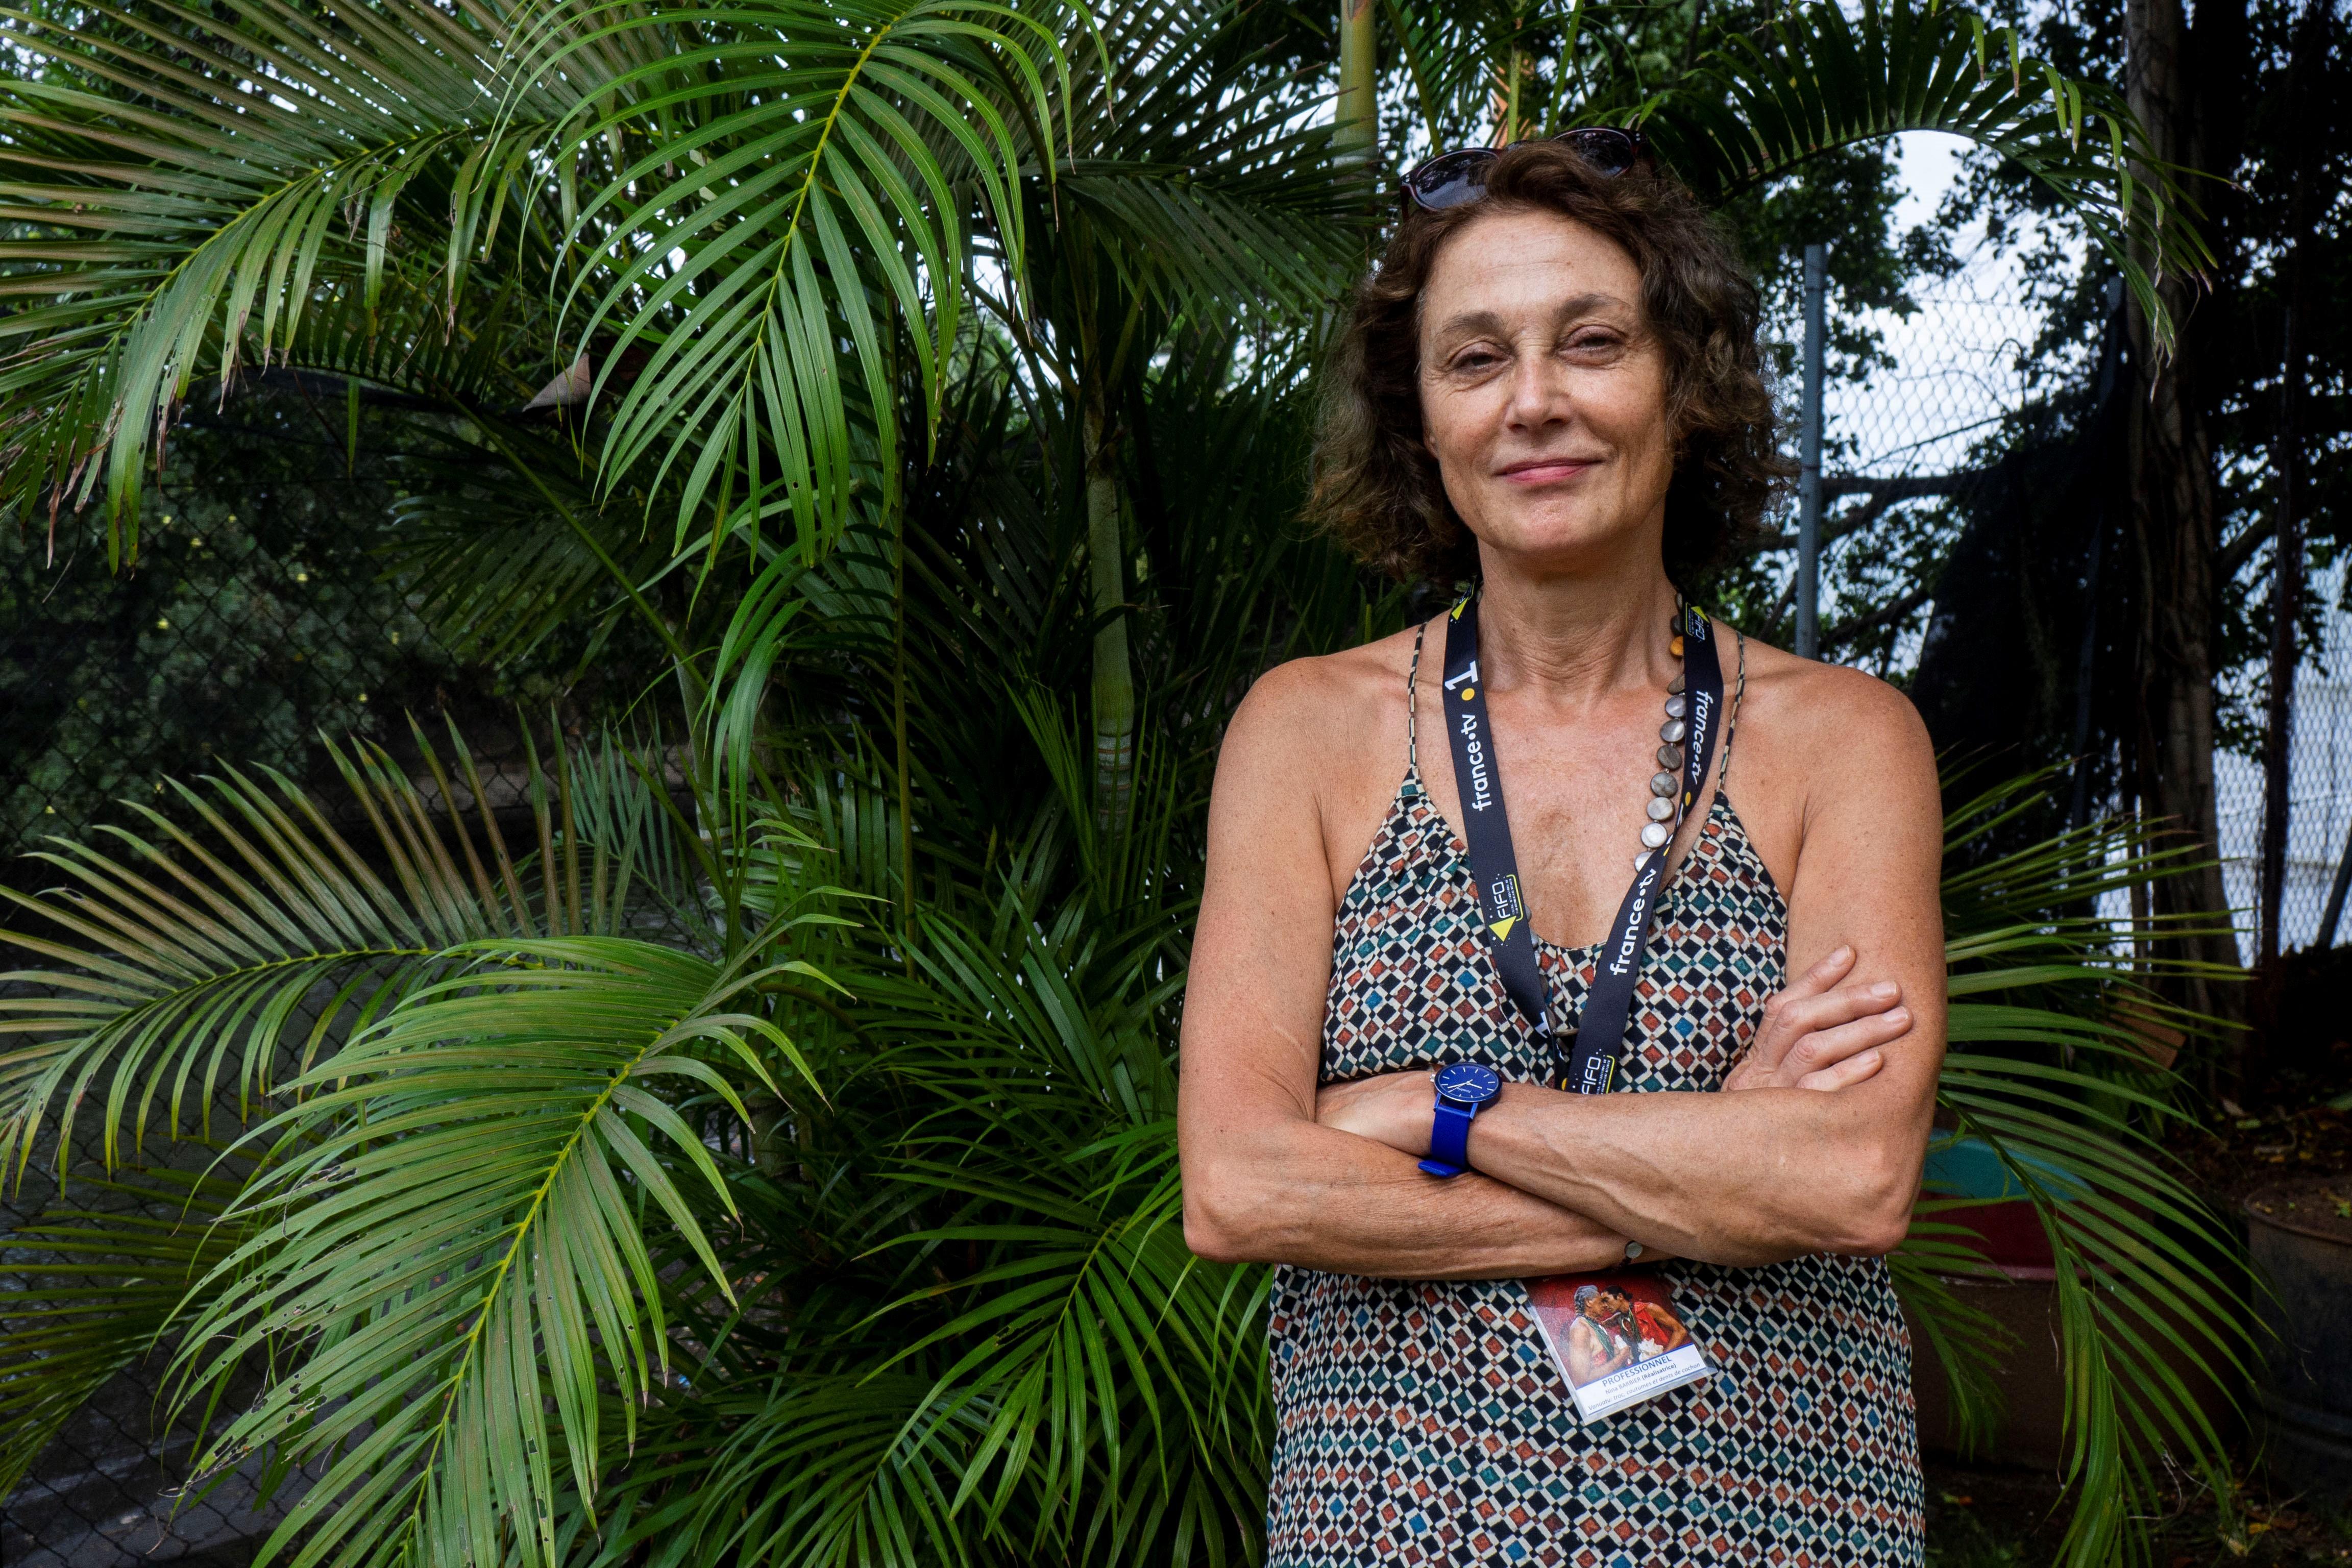 Nina Barbier